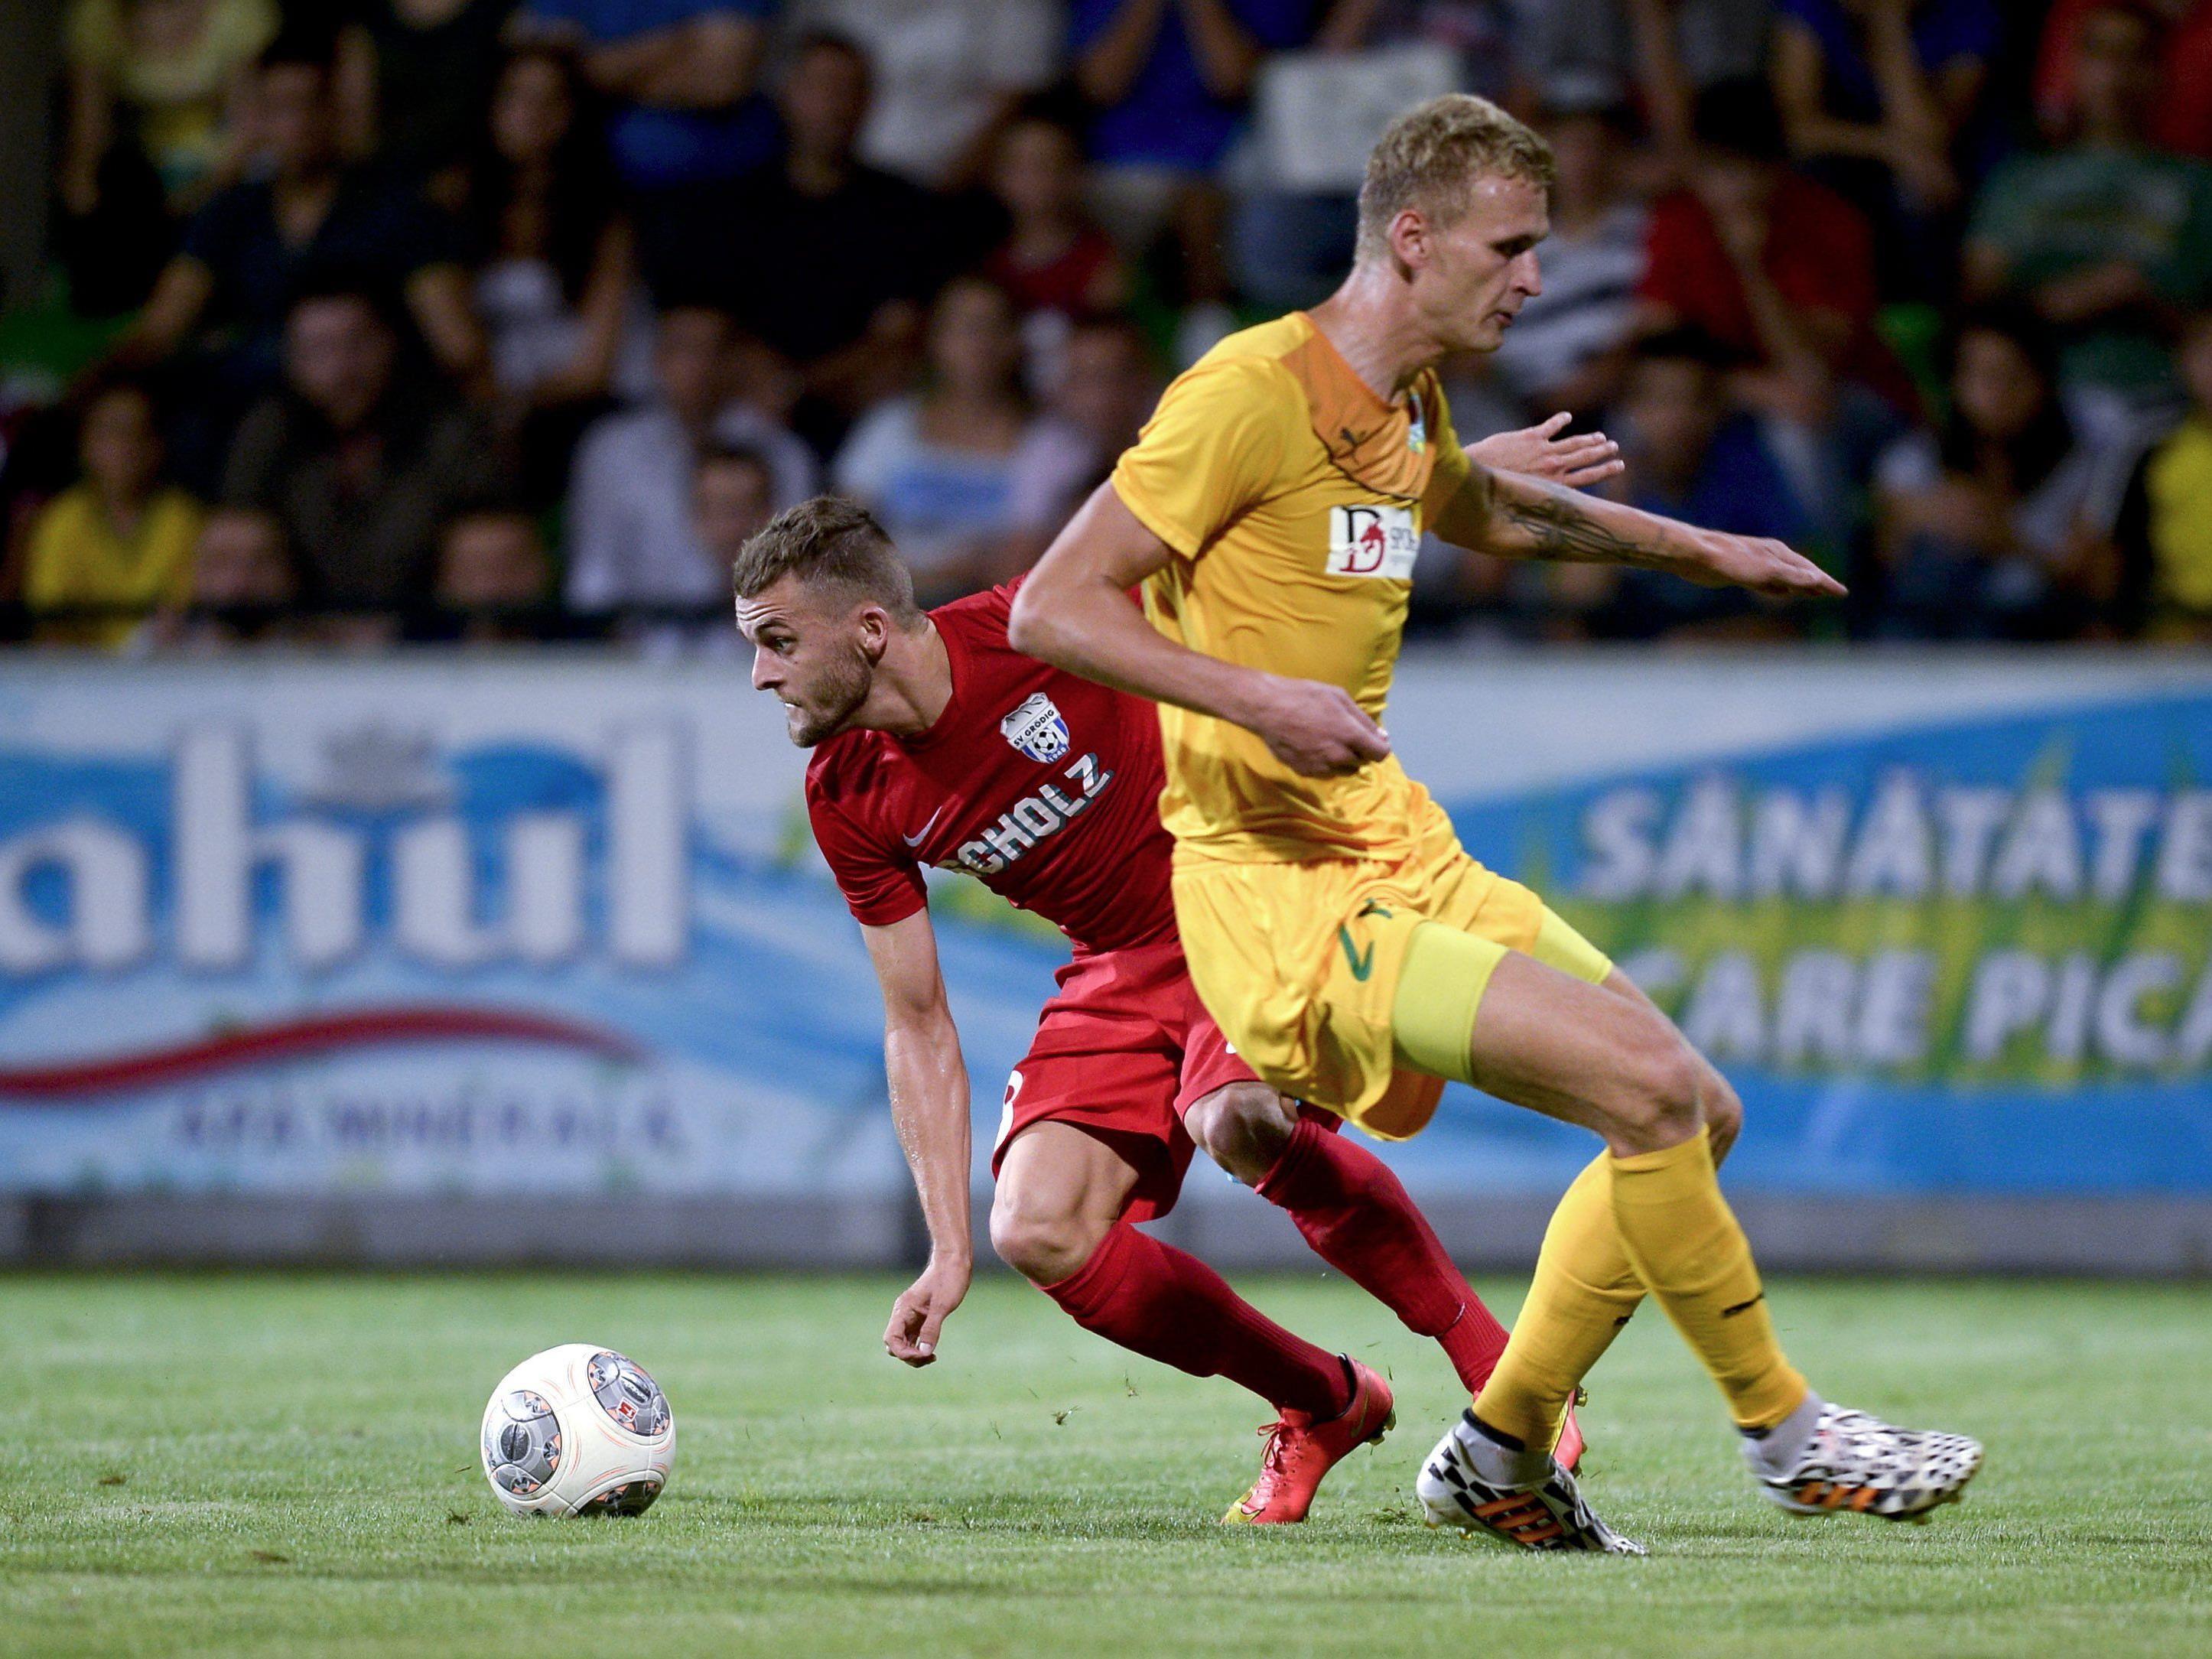 Der SV Grödig verpasst trotz 1:0-Sieg den Aufstieg in das Europa League-Play-Off.